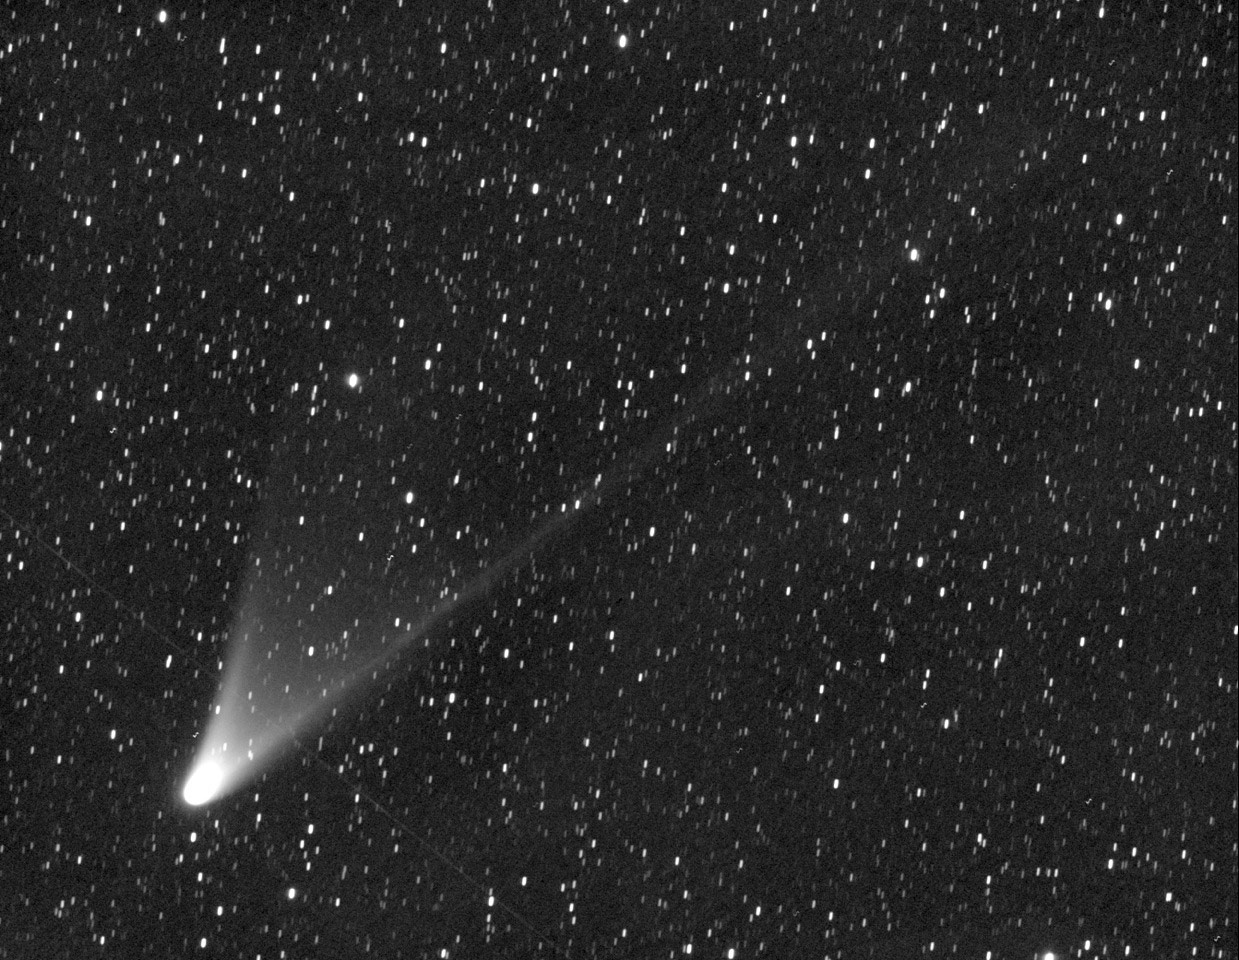 Comet Pan-STARRS C/2011 L4